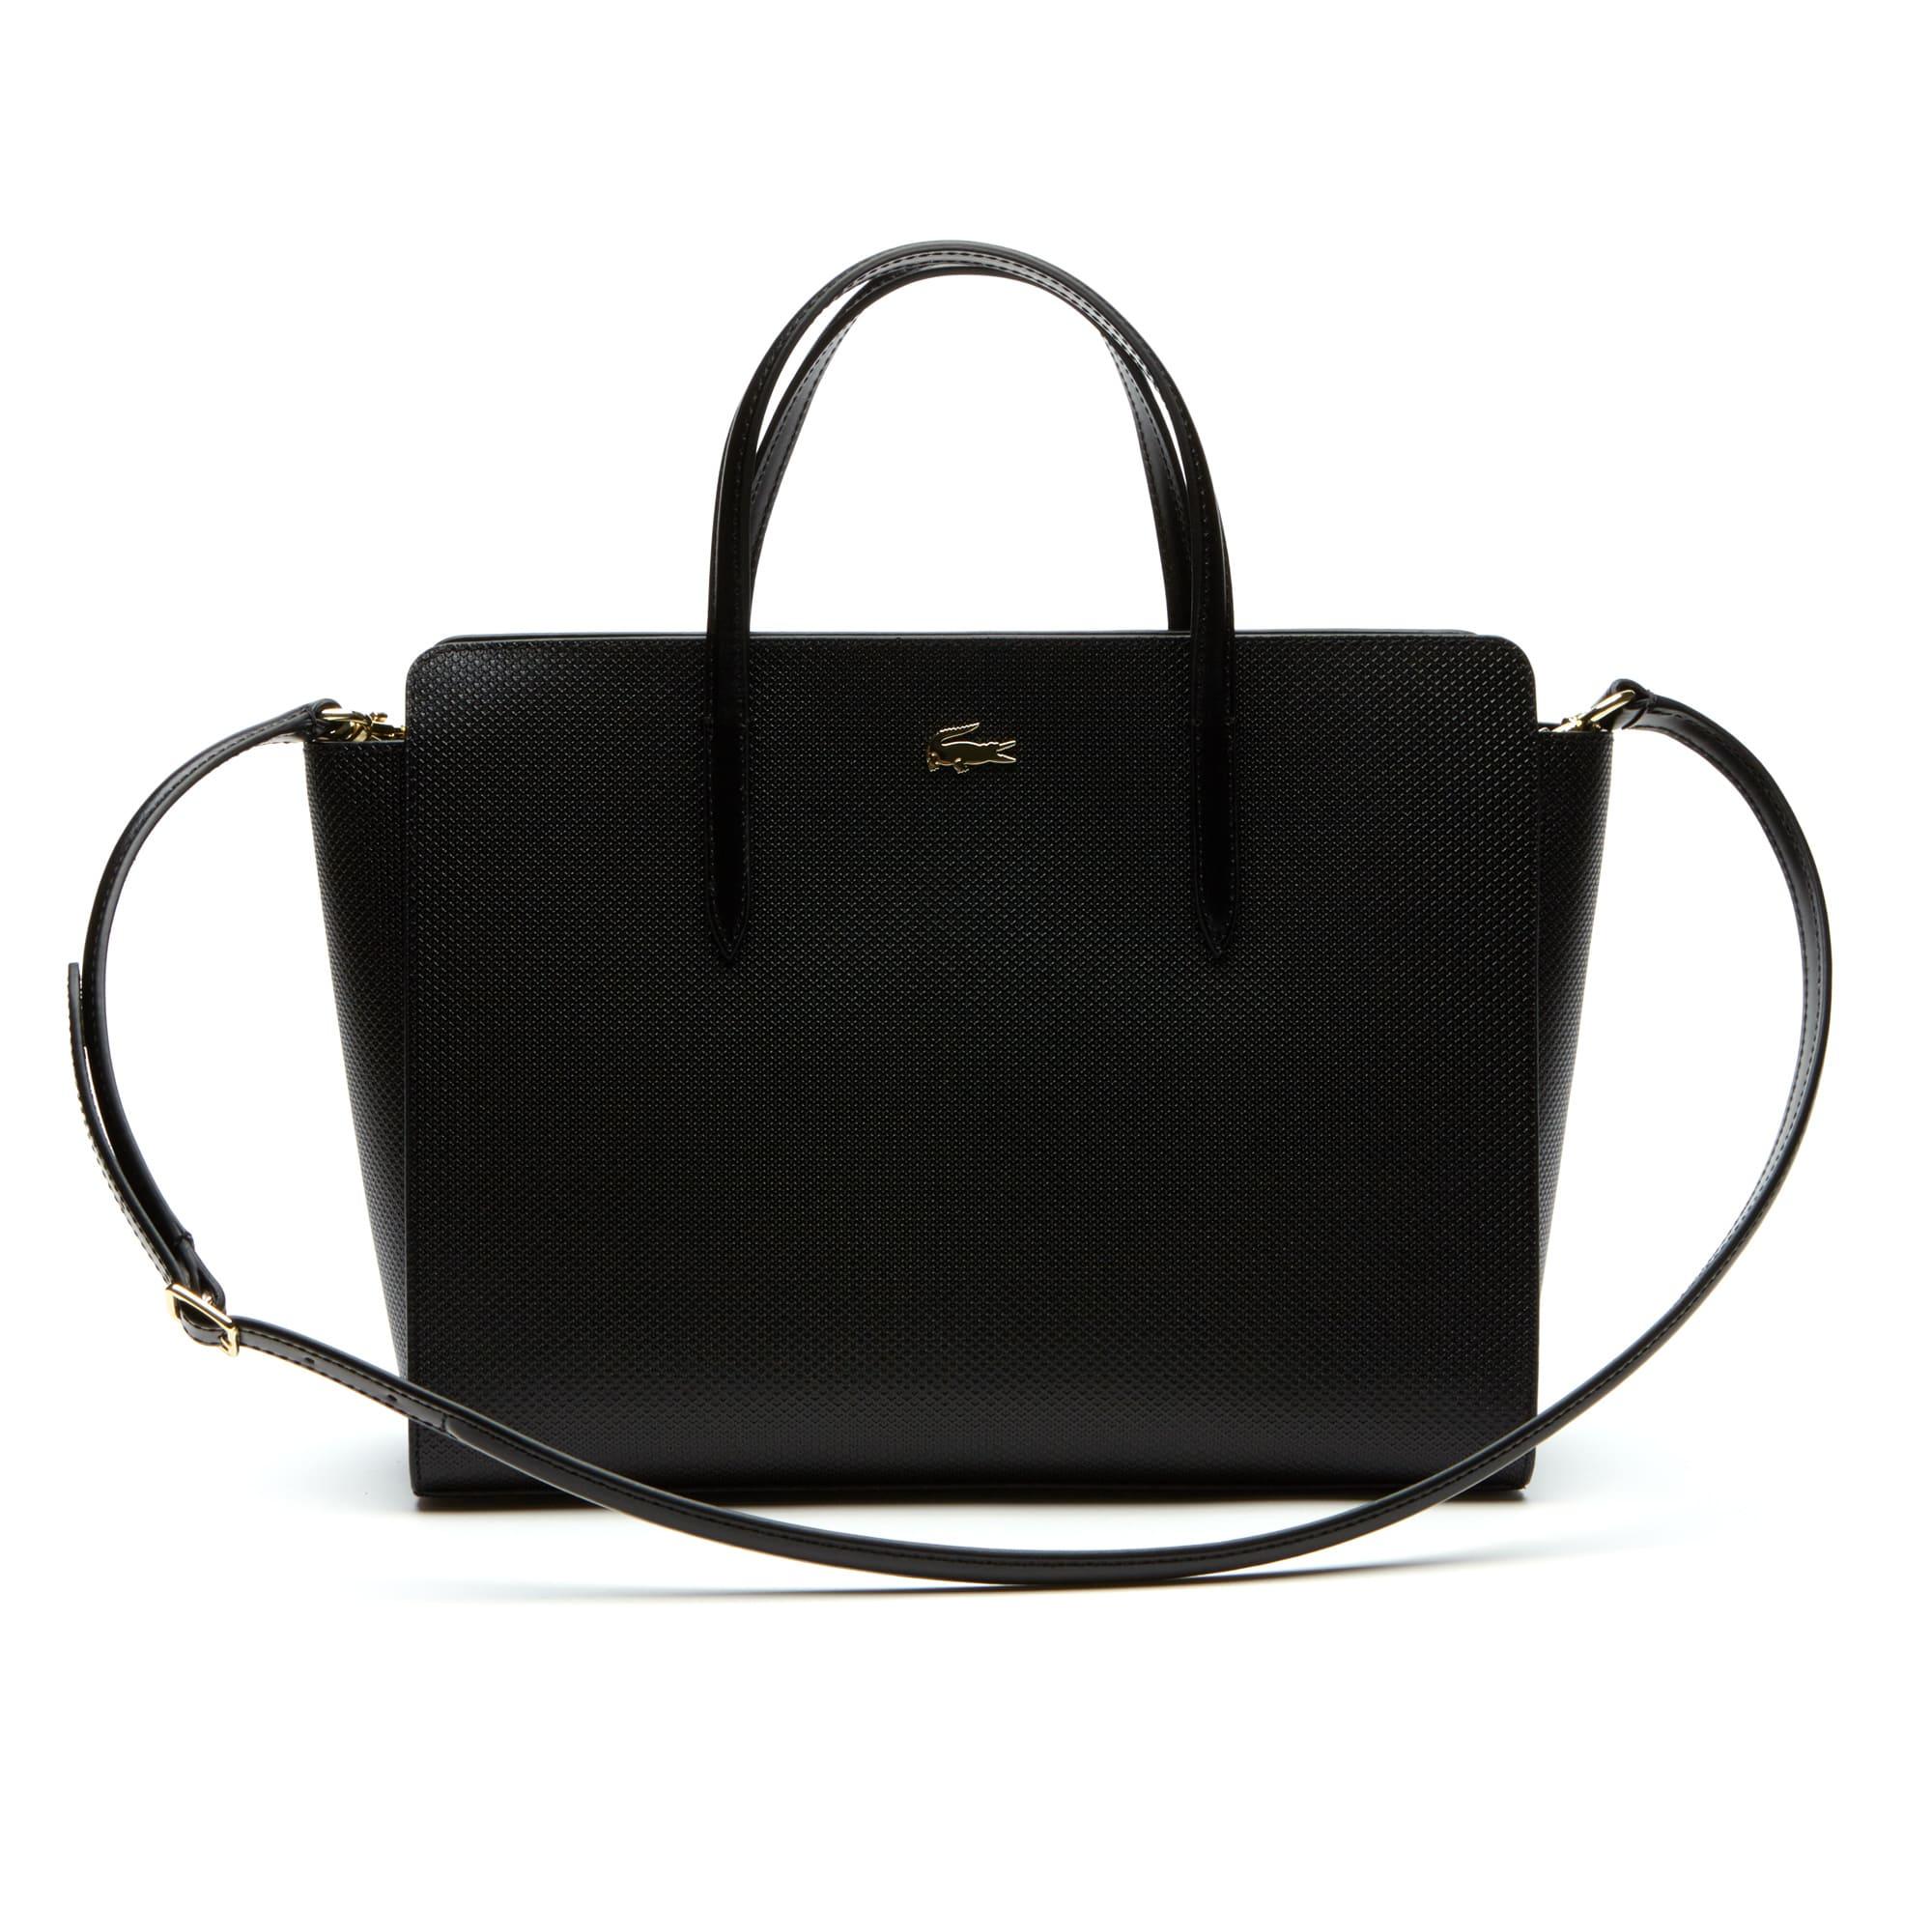 Damen-Tote-Bag CHANTACO aus Piqué-Leder mit Schulterriemen